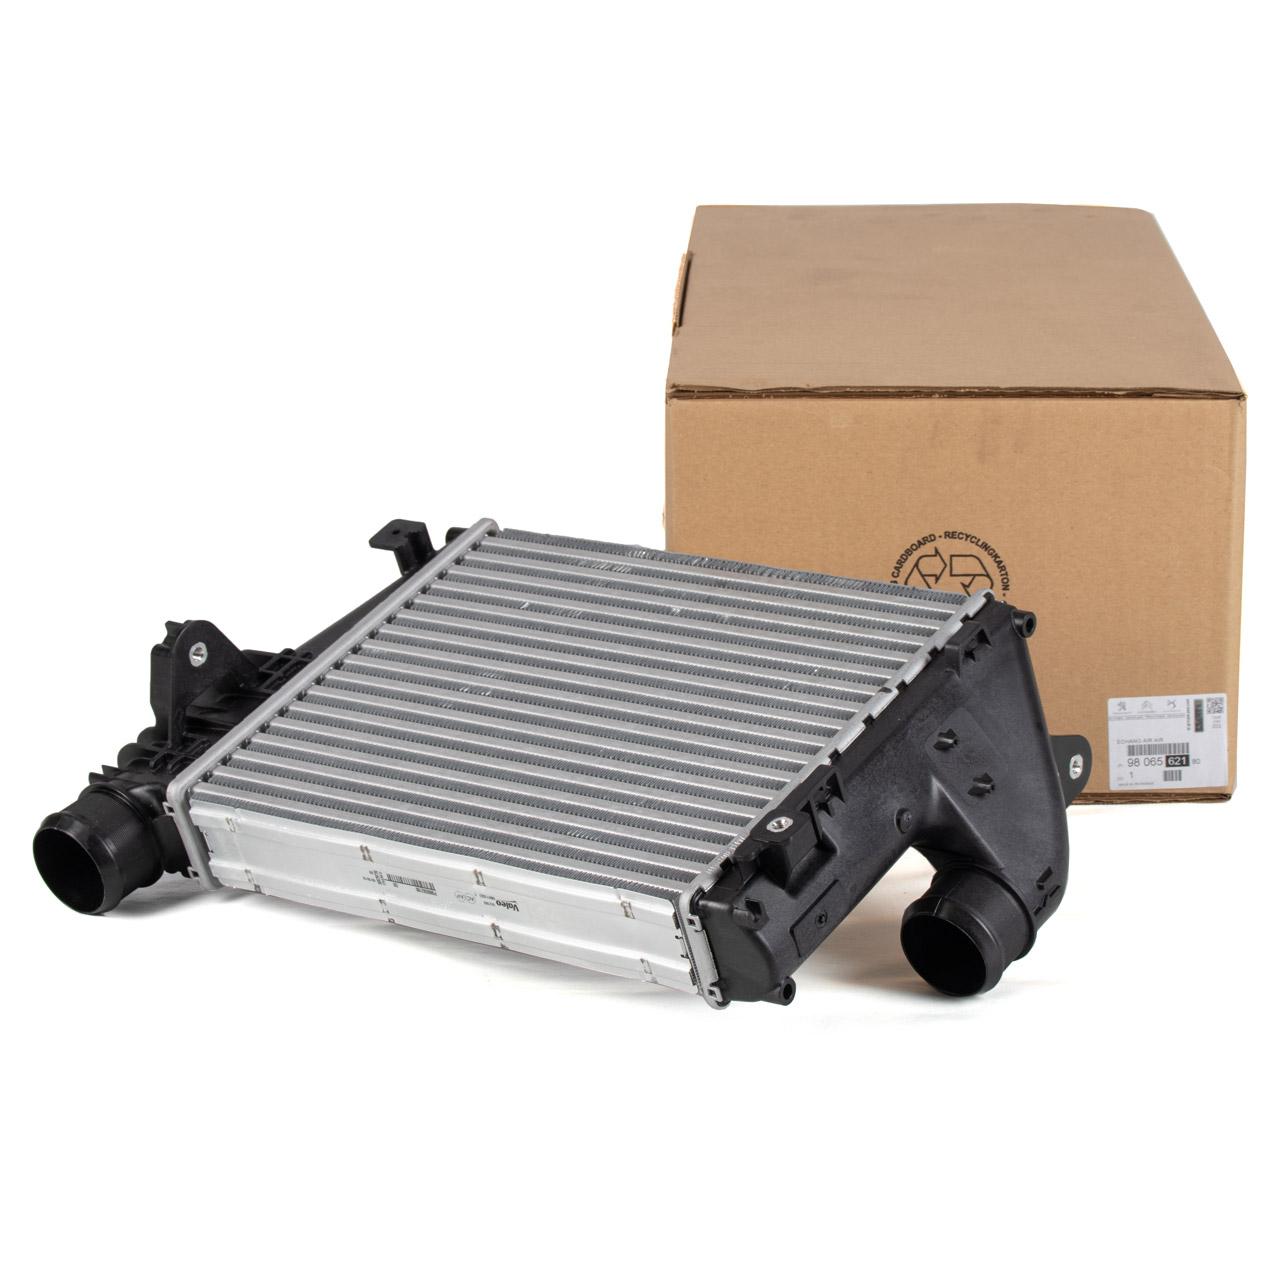 ORIGINAL Citroen Peugeot Ladeluftkühler Turbokühler 1.6 / 2.0 BlueHDi 9806562180